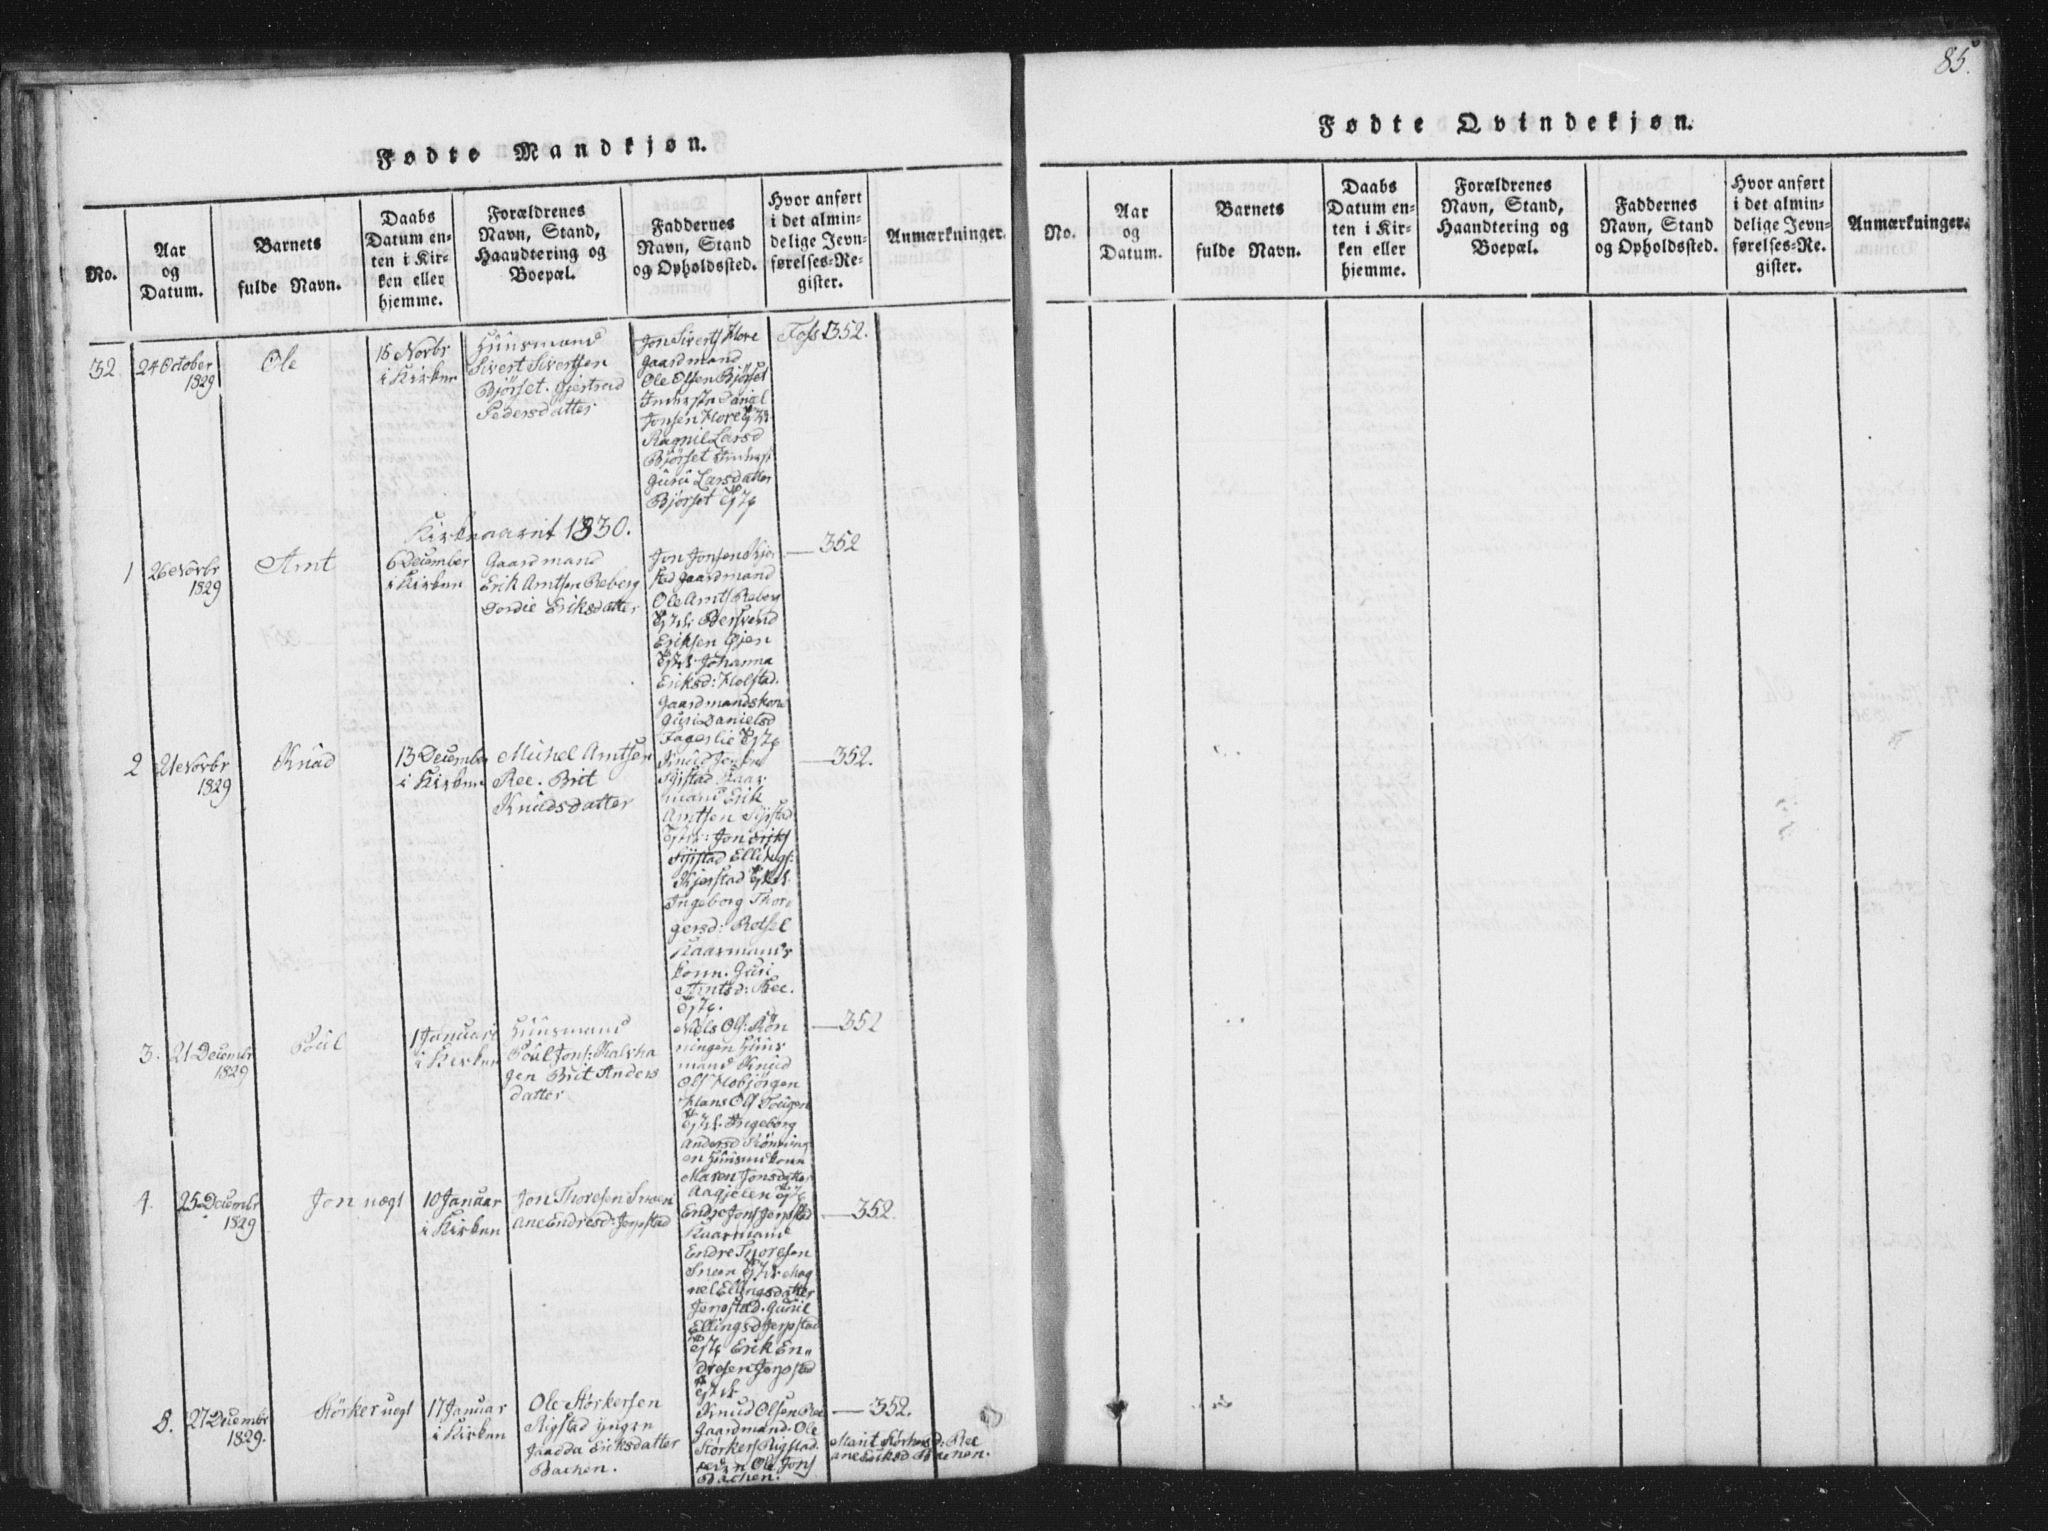 SAT, Ministerialprotokoller, klokkerbøker og fødselsregistre - Sør-Trøndelag, 672/L0862: Klokkerbok nr. 672C01, 1816-1831, s. 85